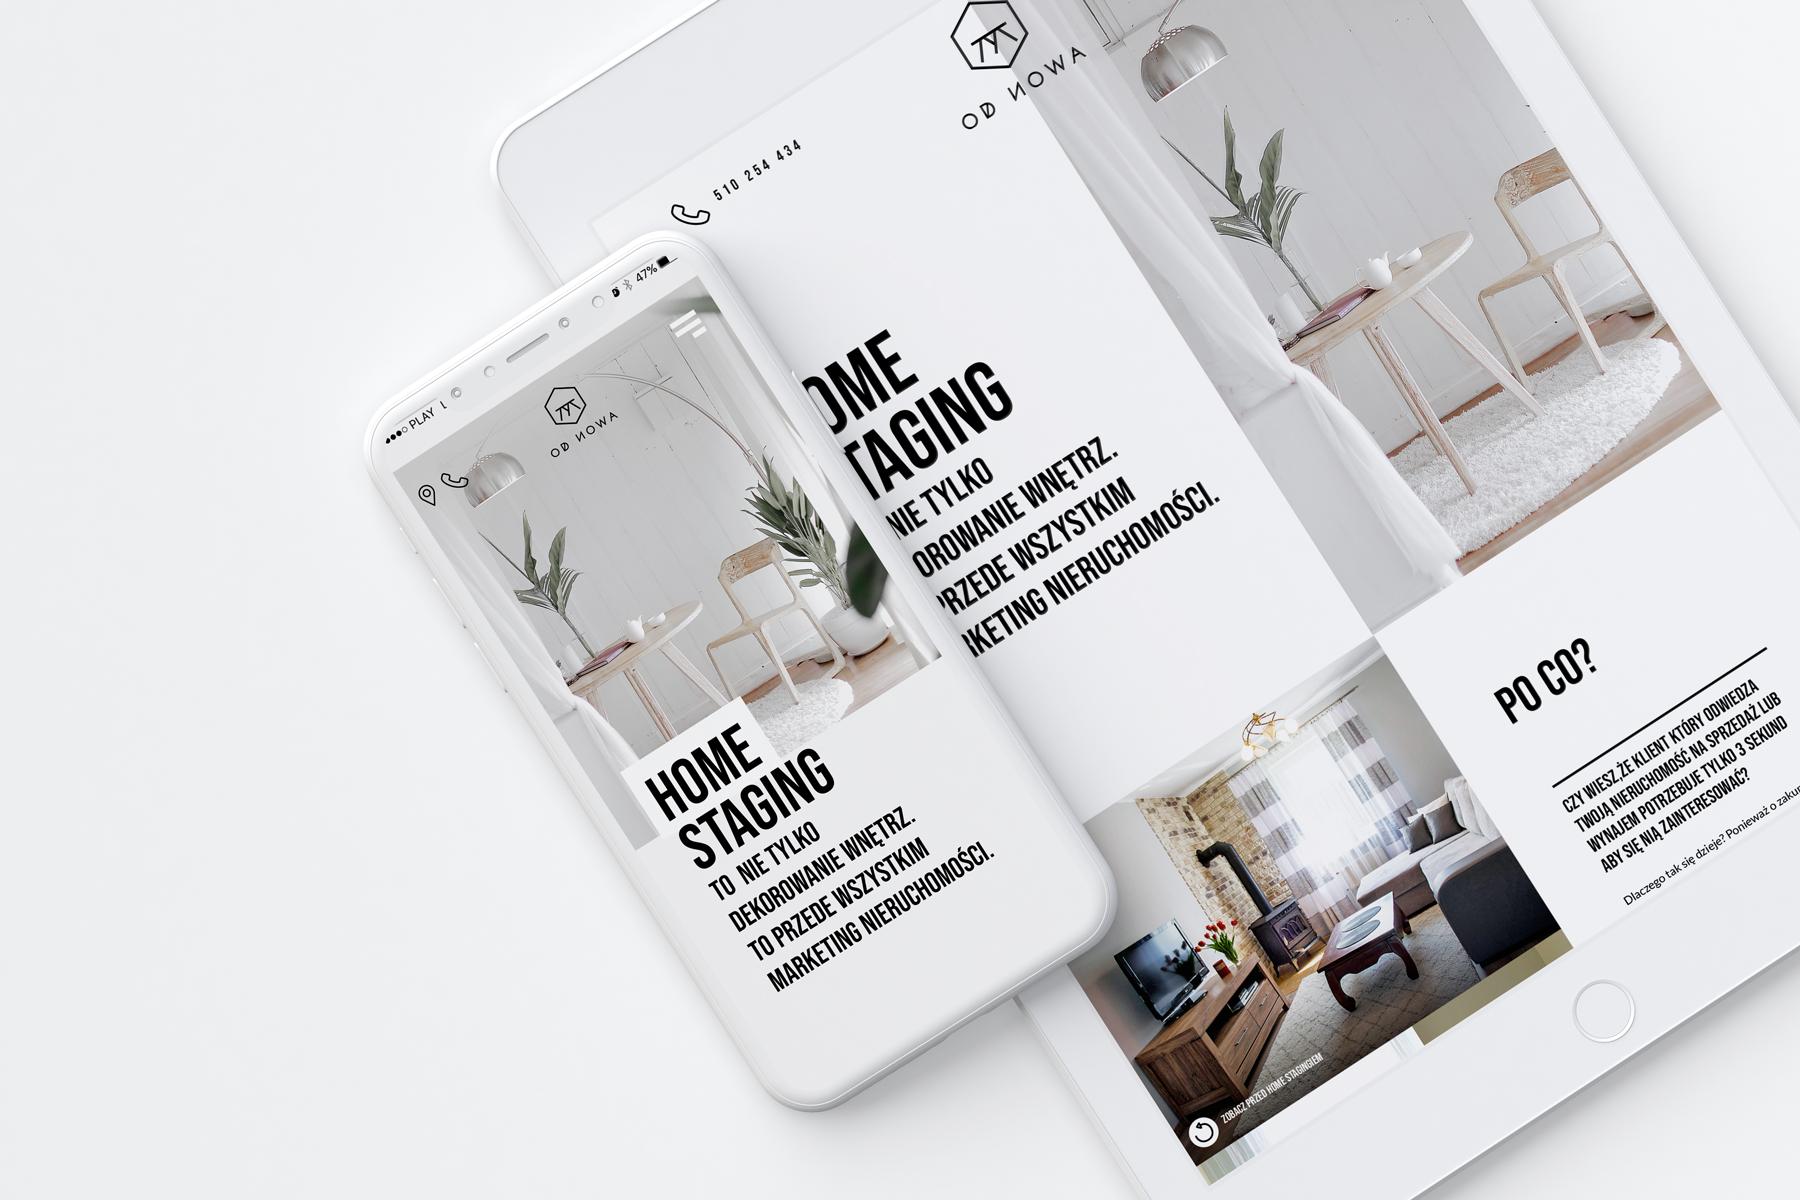 Od Nowa - home staging - strona internetowa typu one page design poświęcona aranżacji domów i mieszkań przeznaczonych na sprzedaż - Kraków i okolice